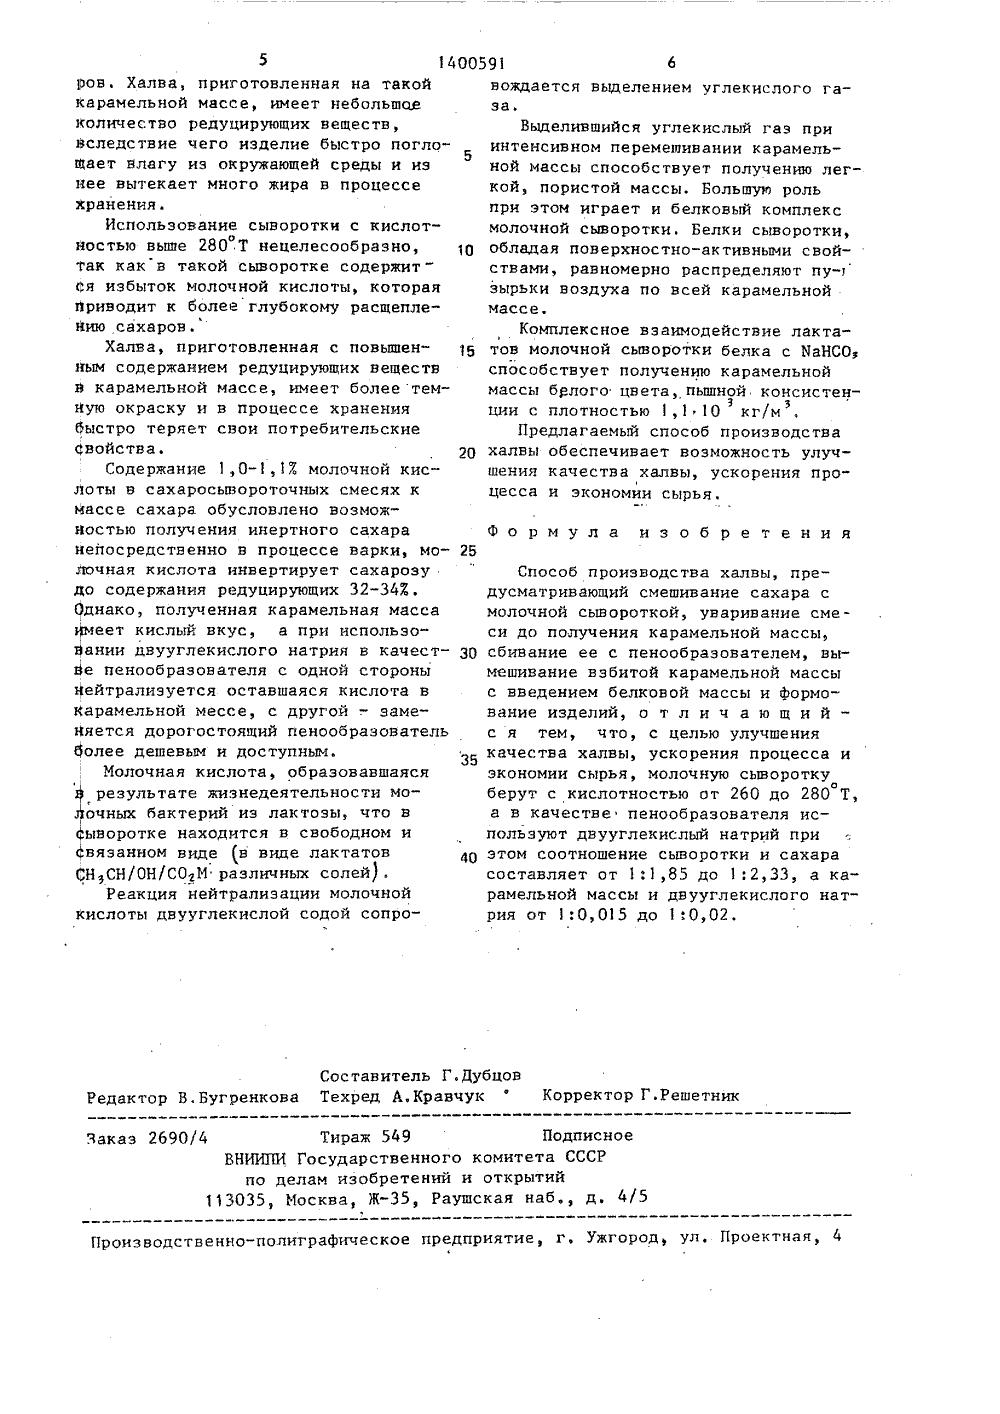 технологическая инструкция по производству желатина м 1990